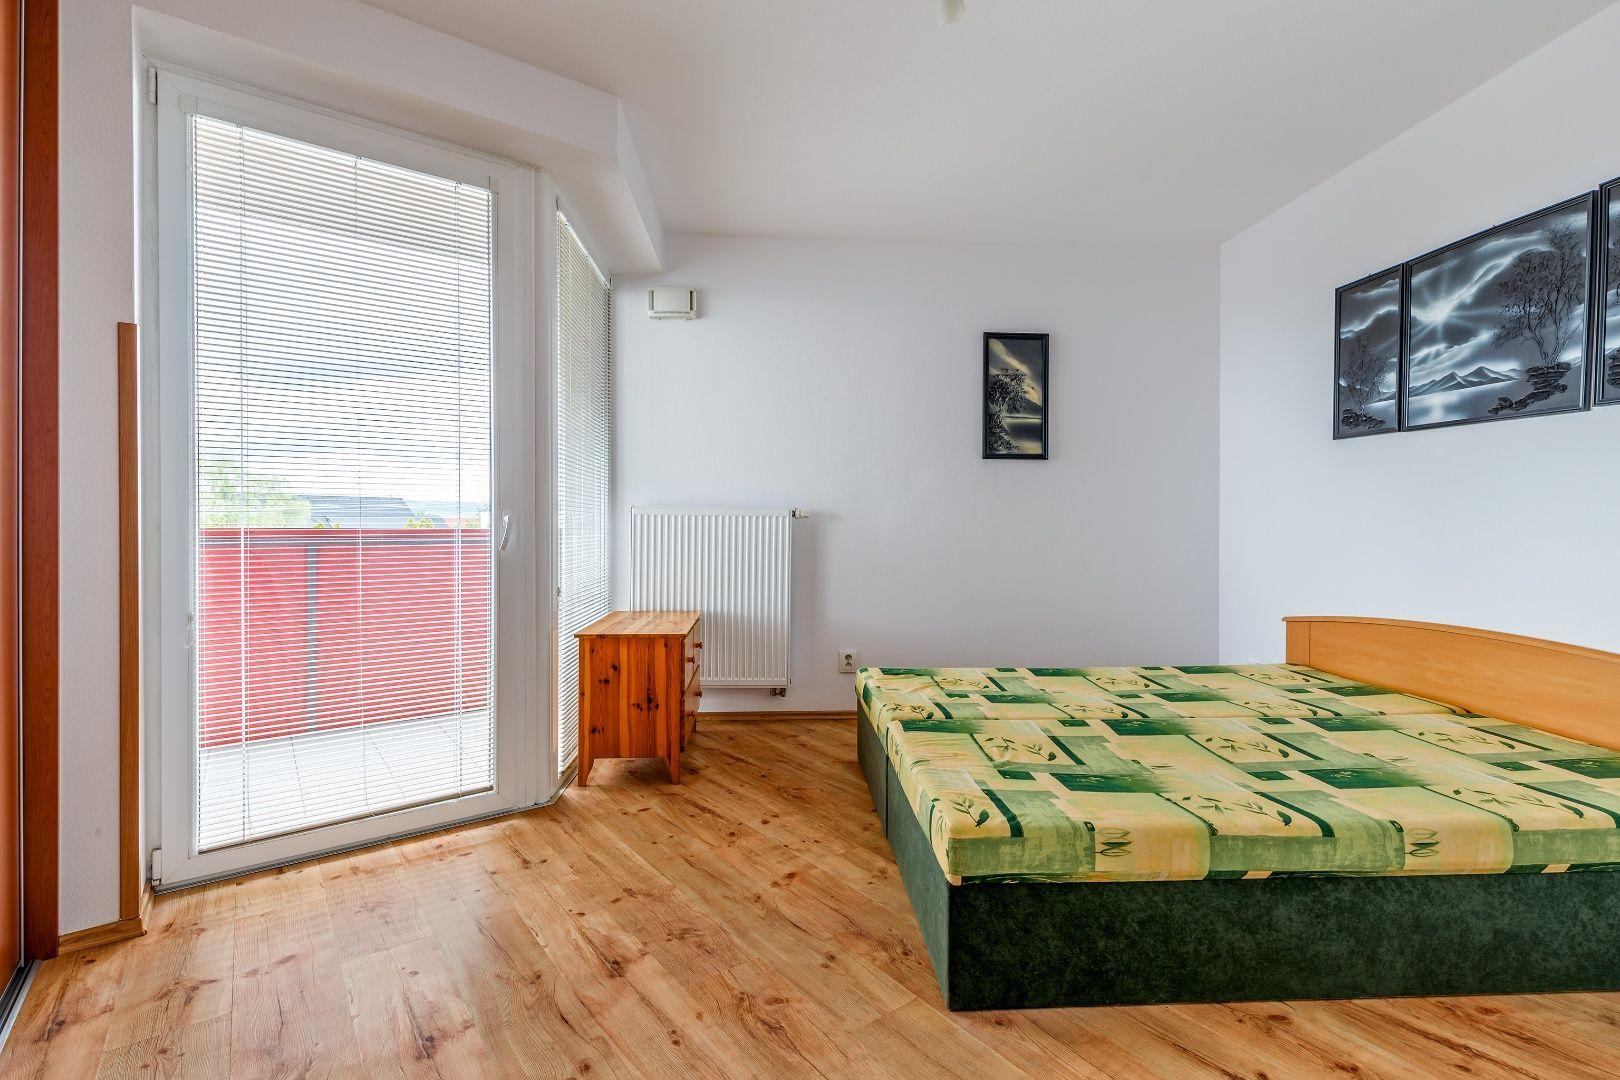 Iný-Predaj-Bratislava - mestská časť Vrakuňa-160 000 €